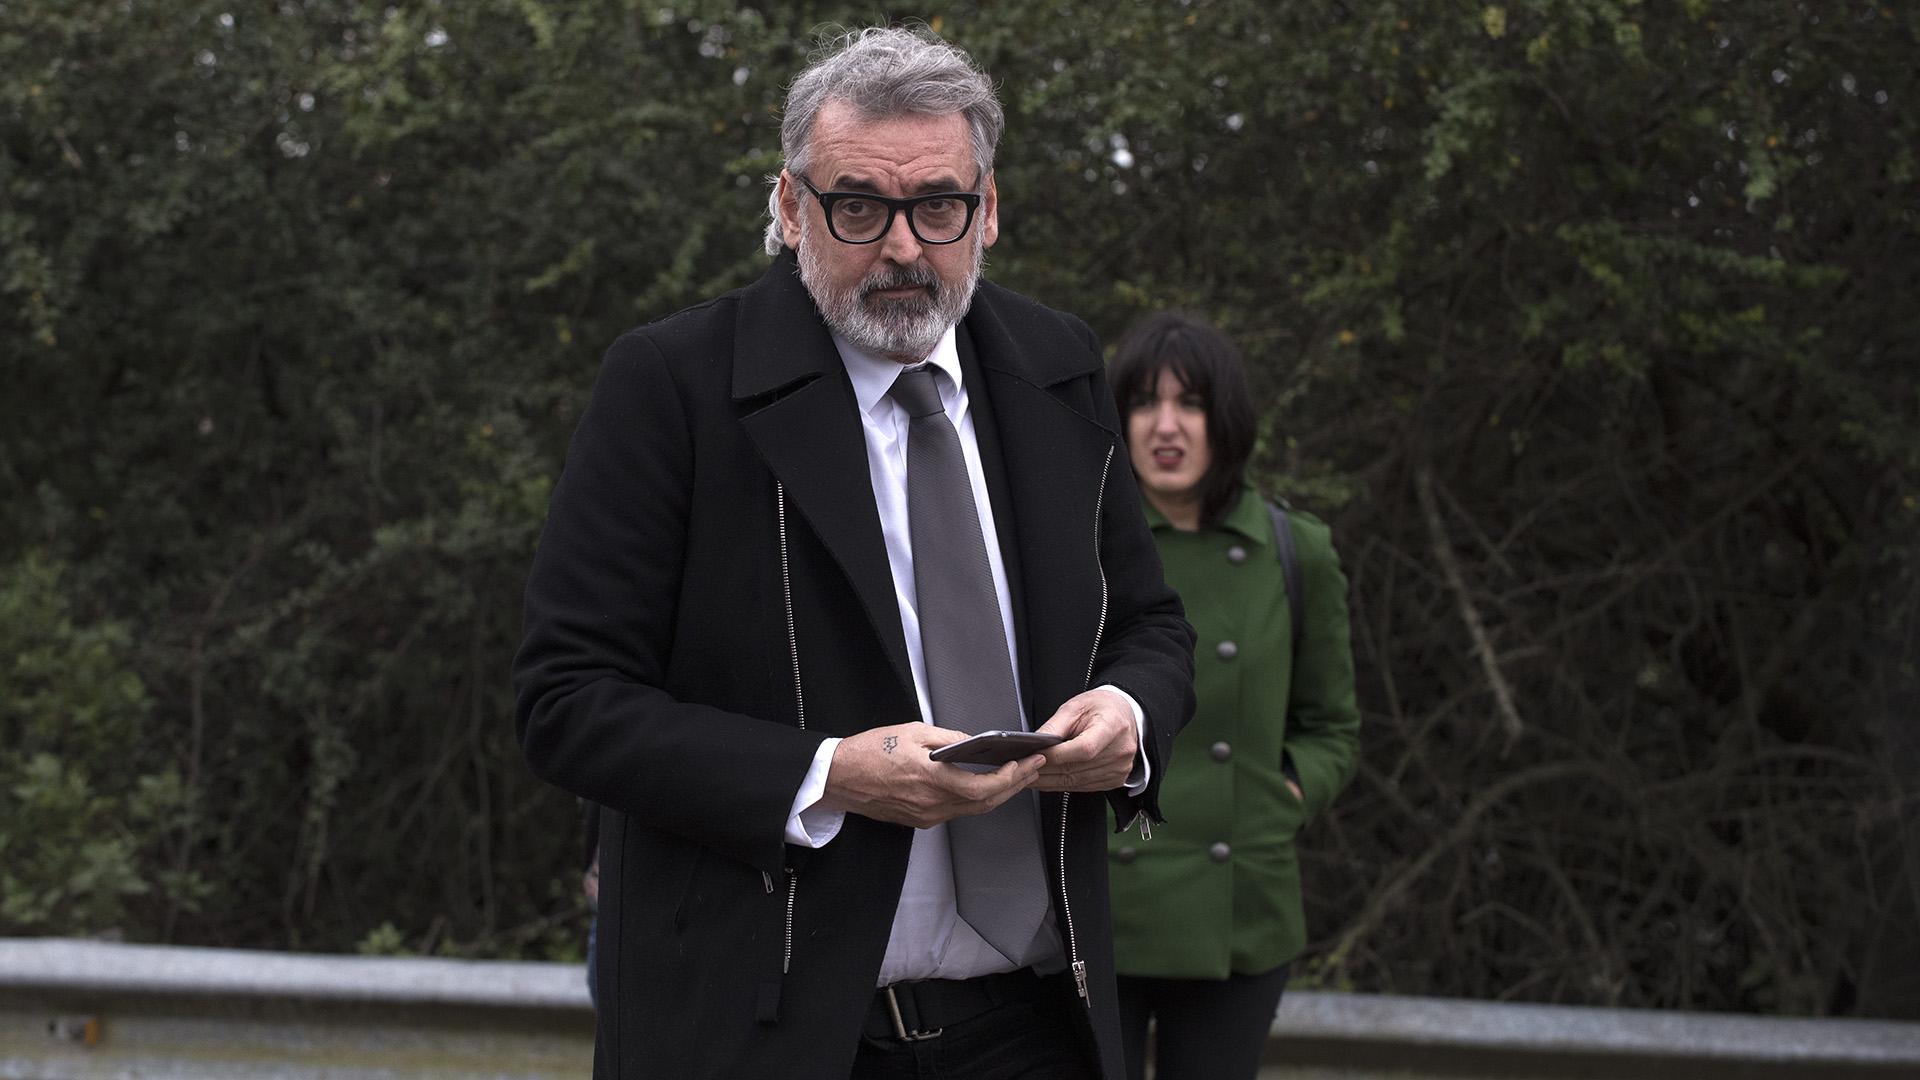 El diseñador Benito Fernández estuvo presente para despedir a Jorge Zorreguieta. Para él, Máxima fue y es una fuente de inspiración.